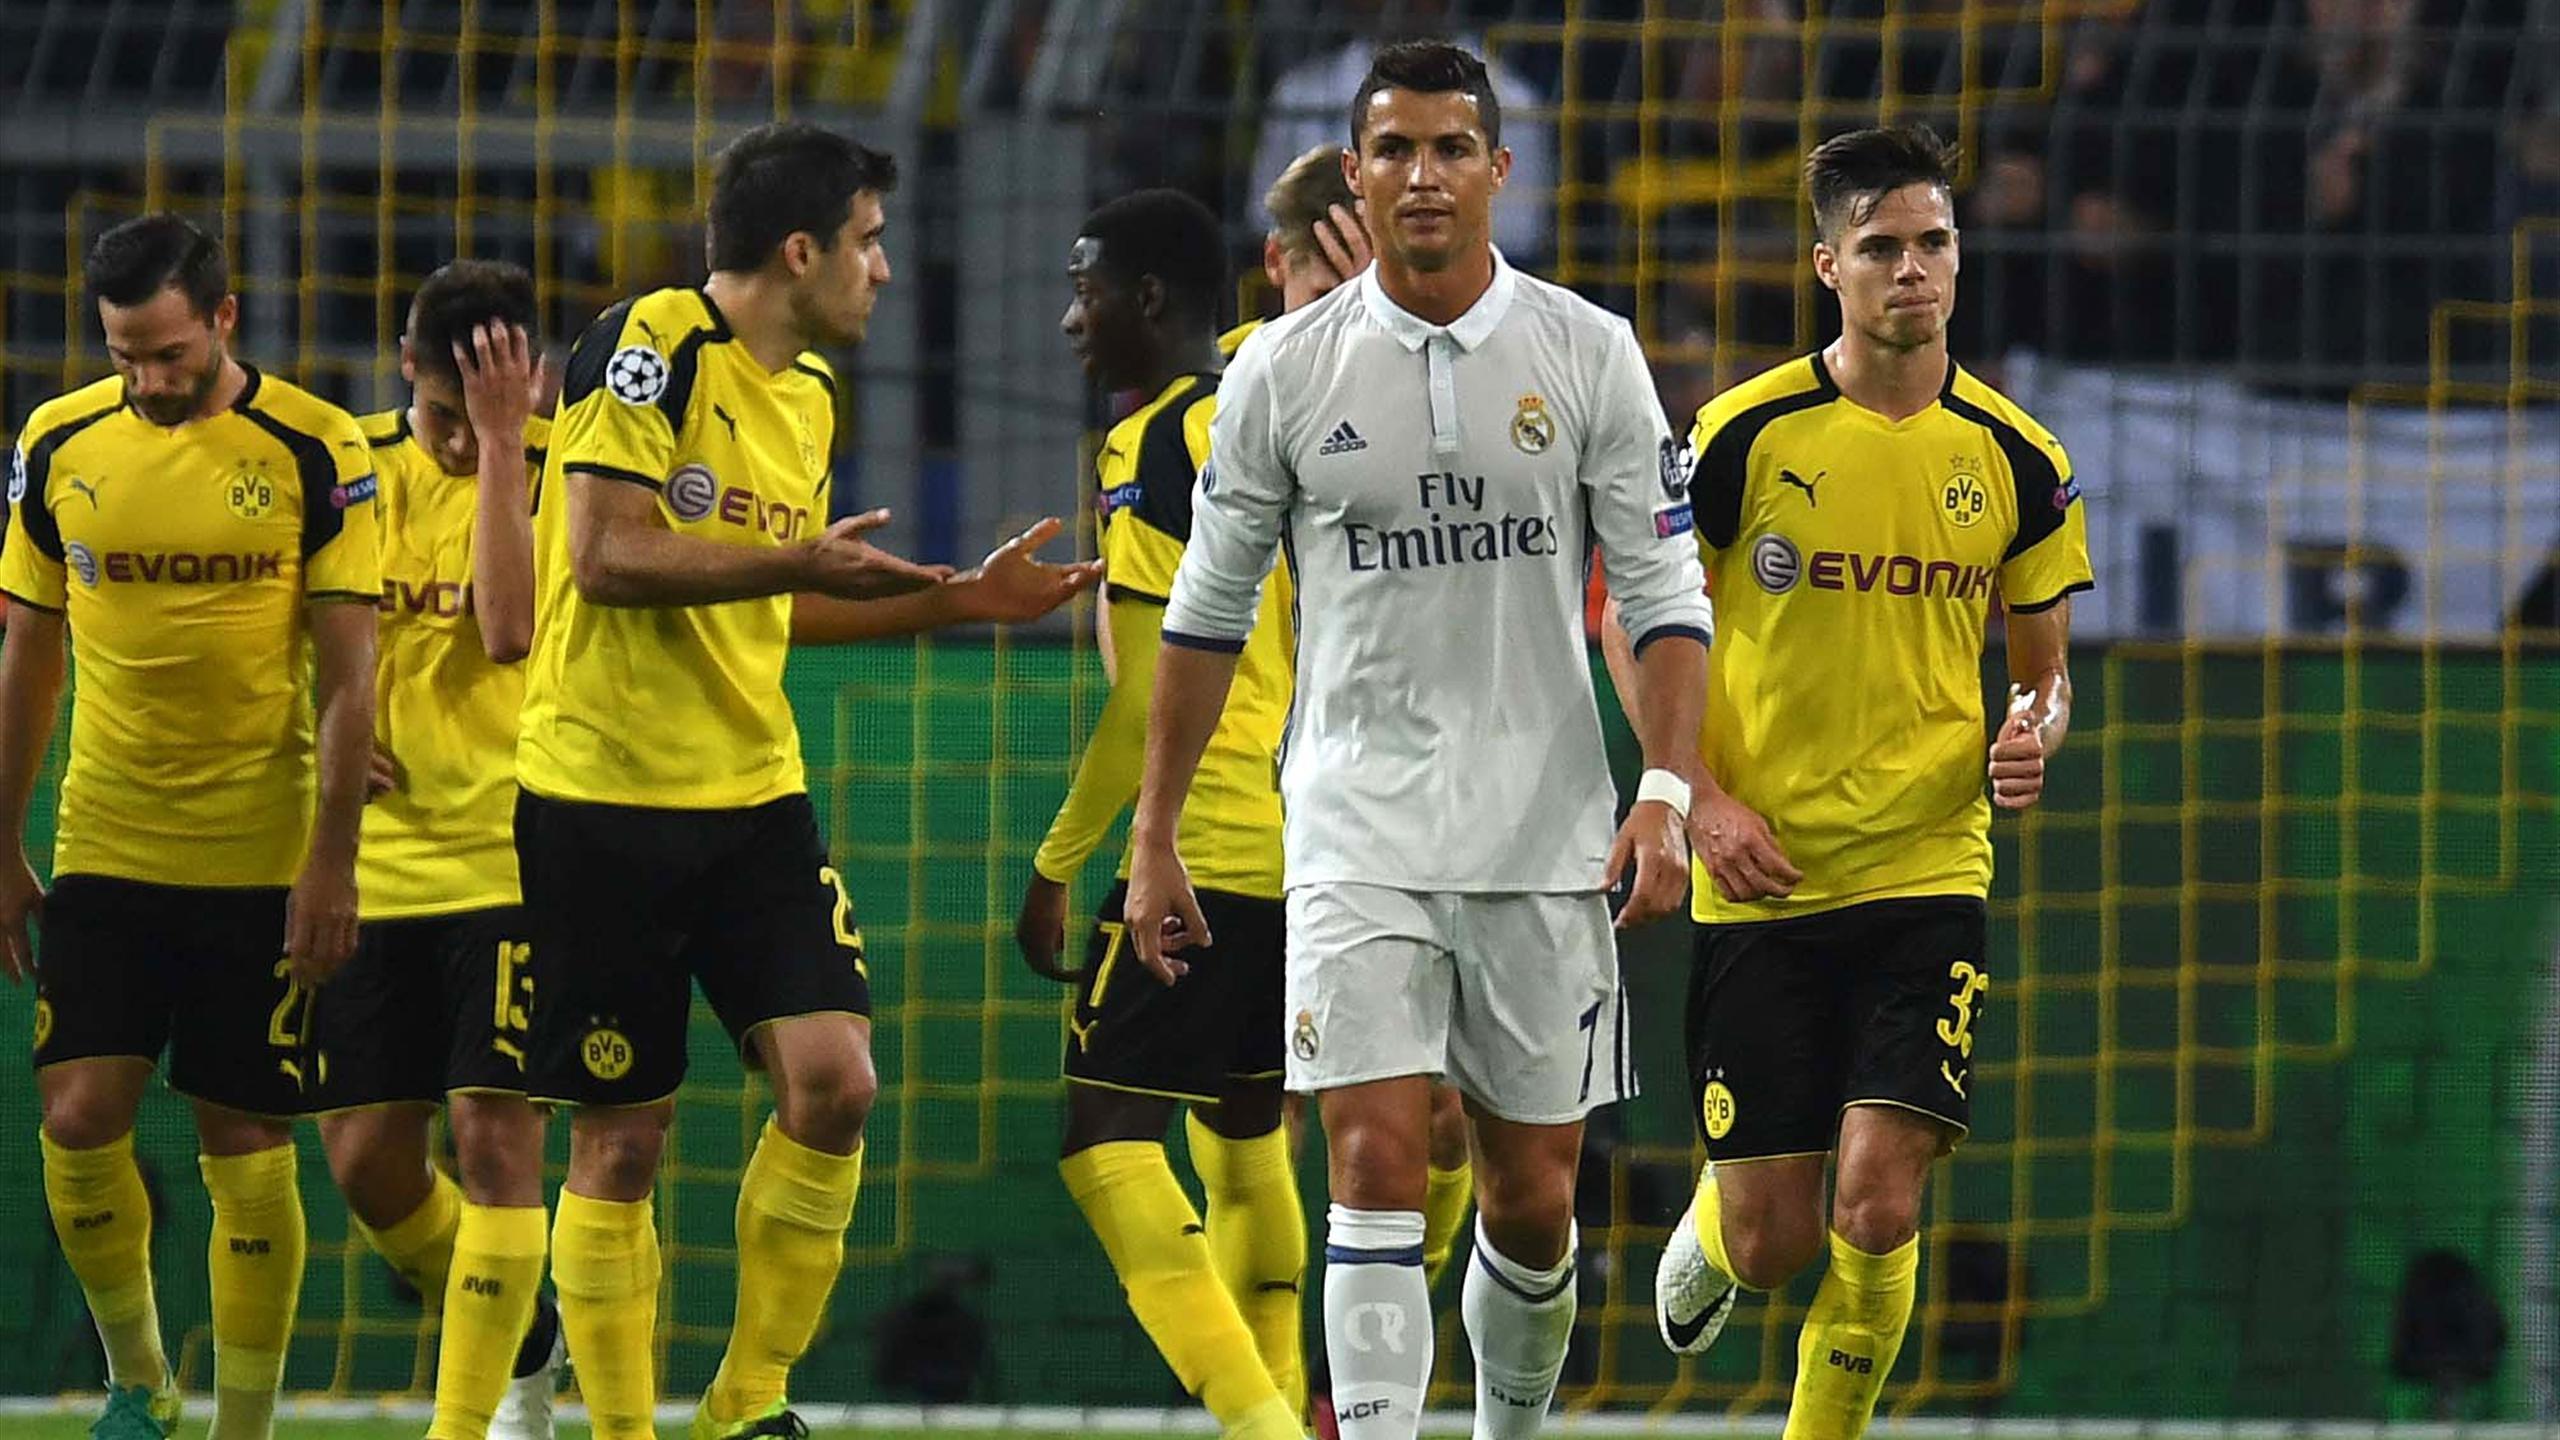 Реал мадрид боруссия дортмунд 2016 прямая трансляция